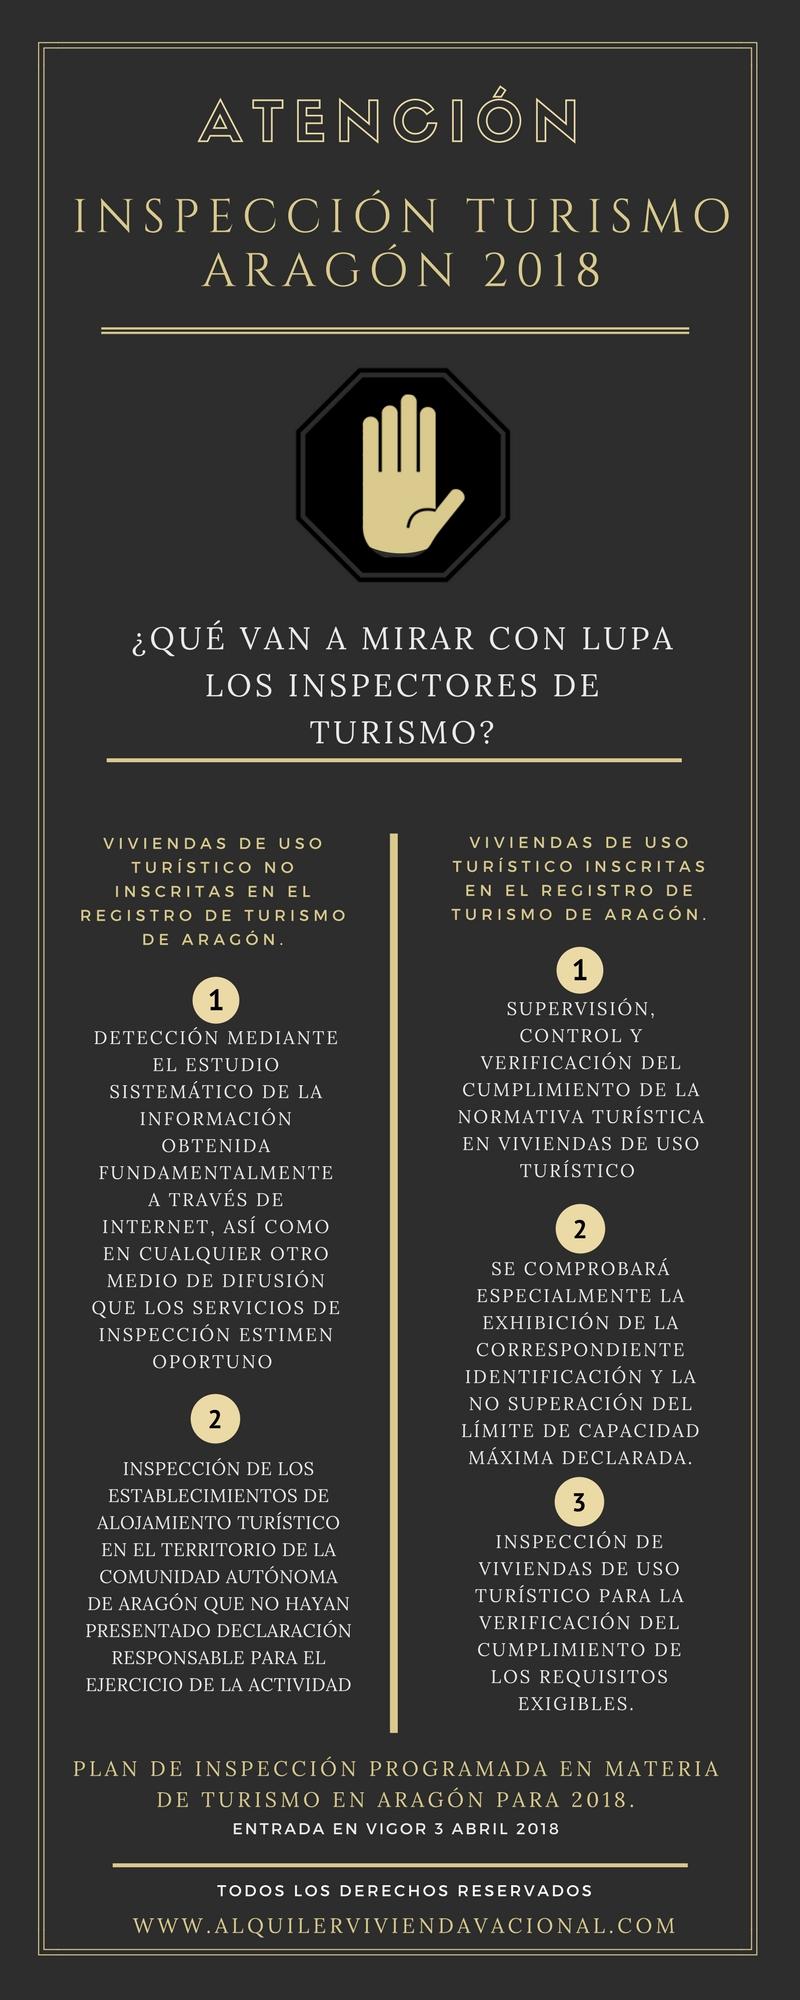 Plan Inspección Turismo 2018. Aragón